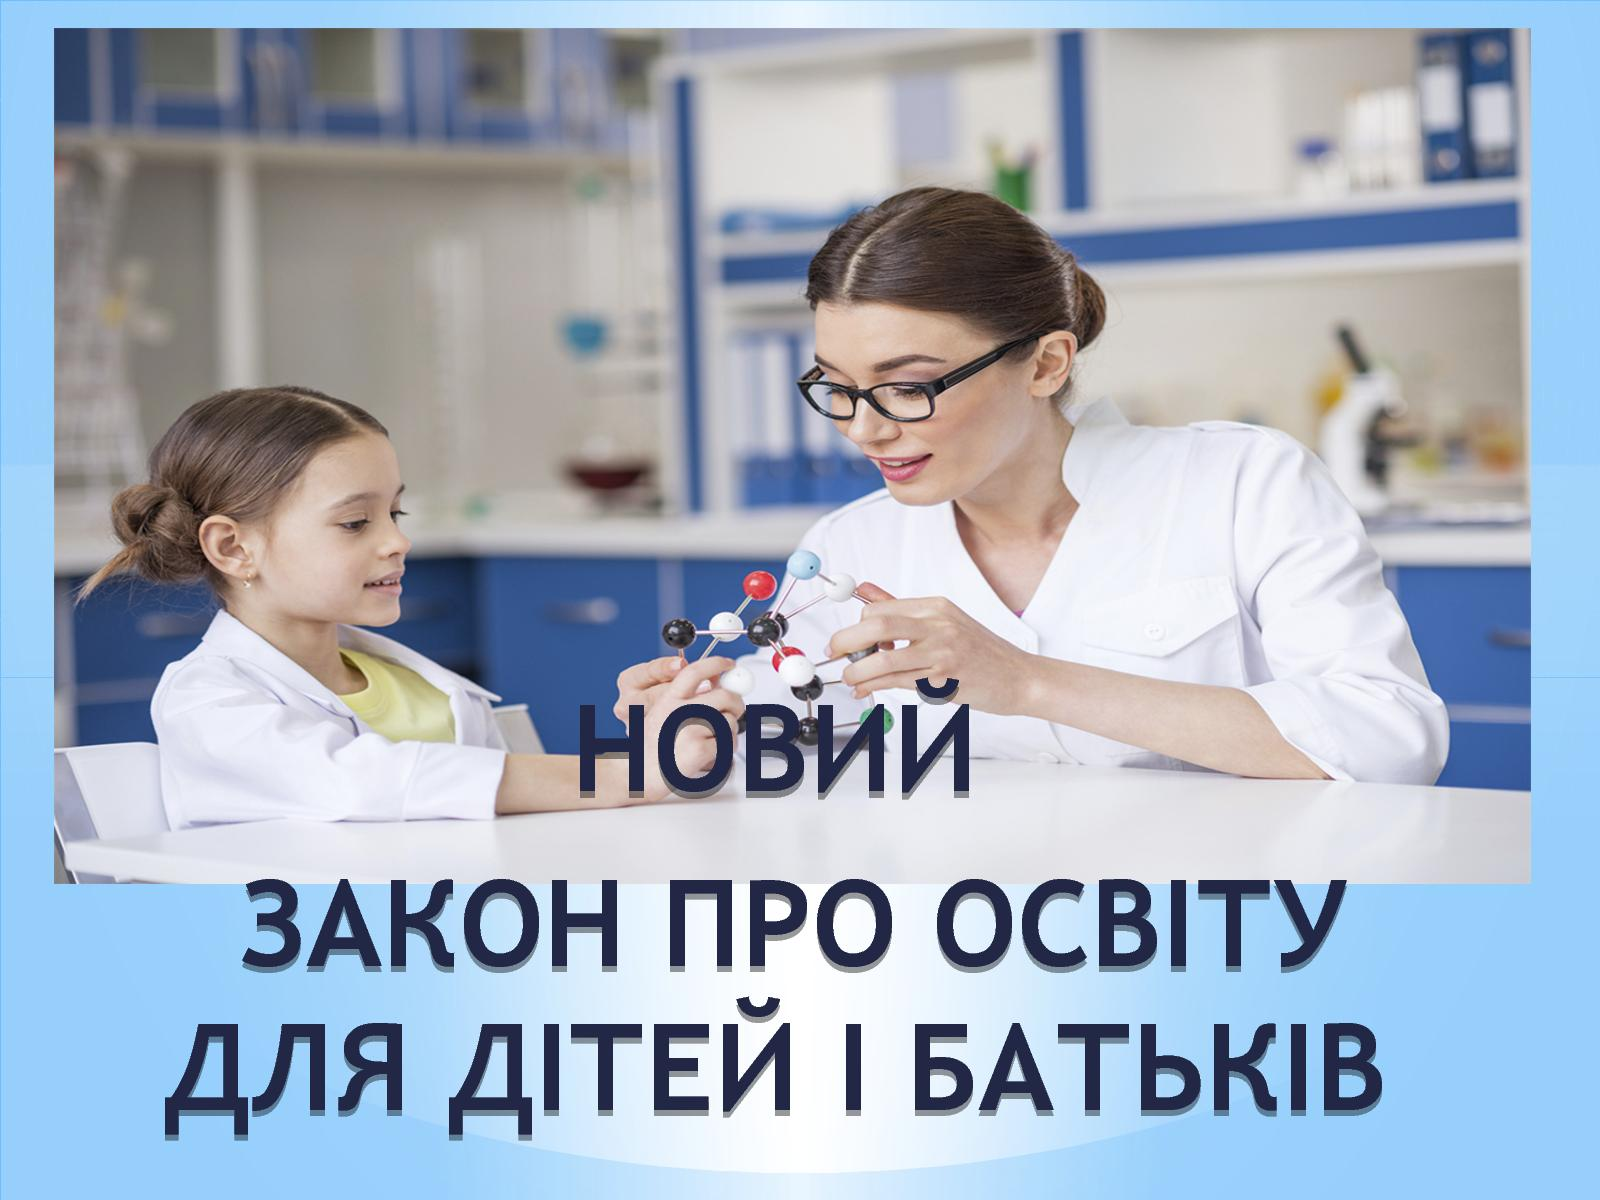 Новий Закон про освіту для батьків і дітей